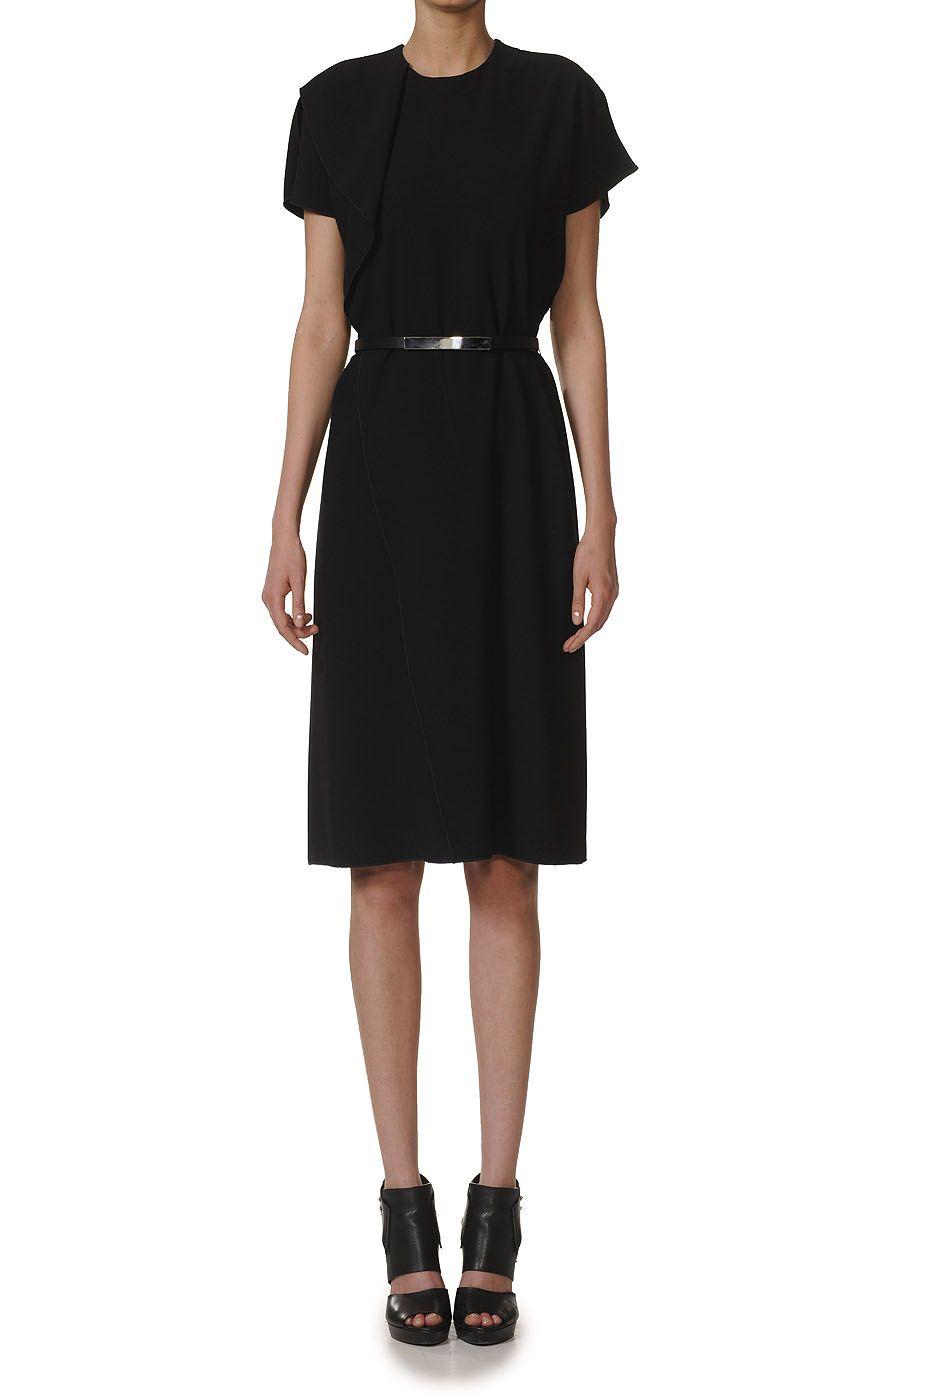 Официальный интернет магазин VASSA&Co - Женская коллекция - Платье <br/>V149423S-1181C99, VASSA&Co-SHOP